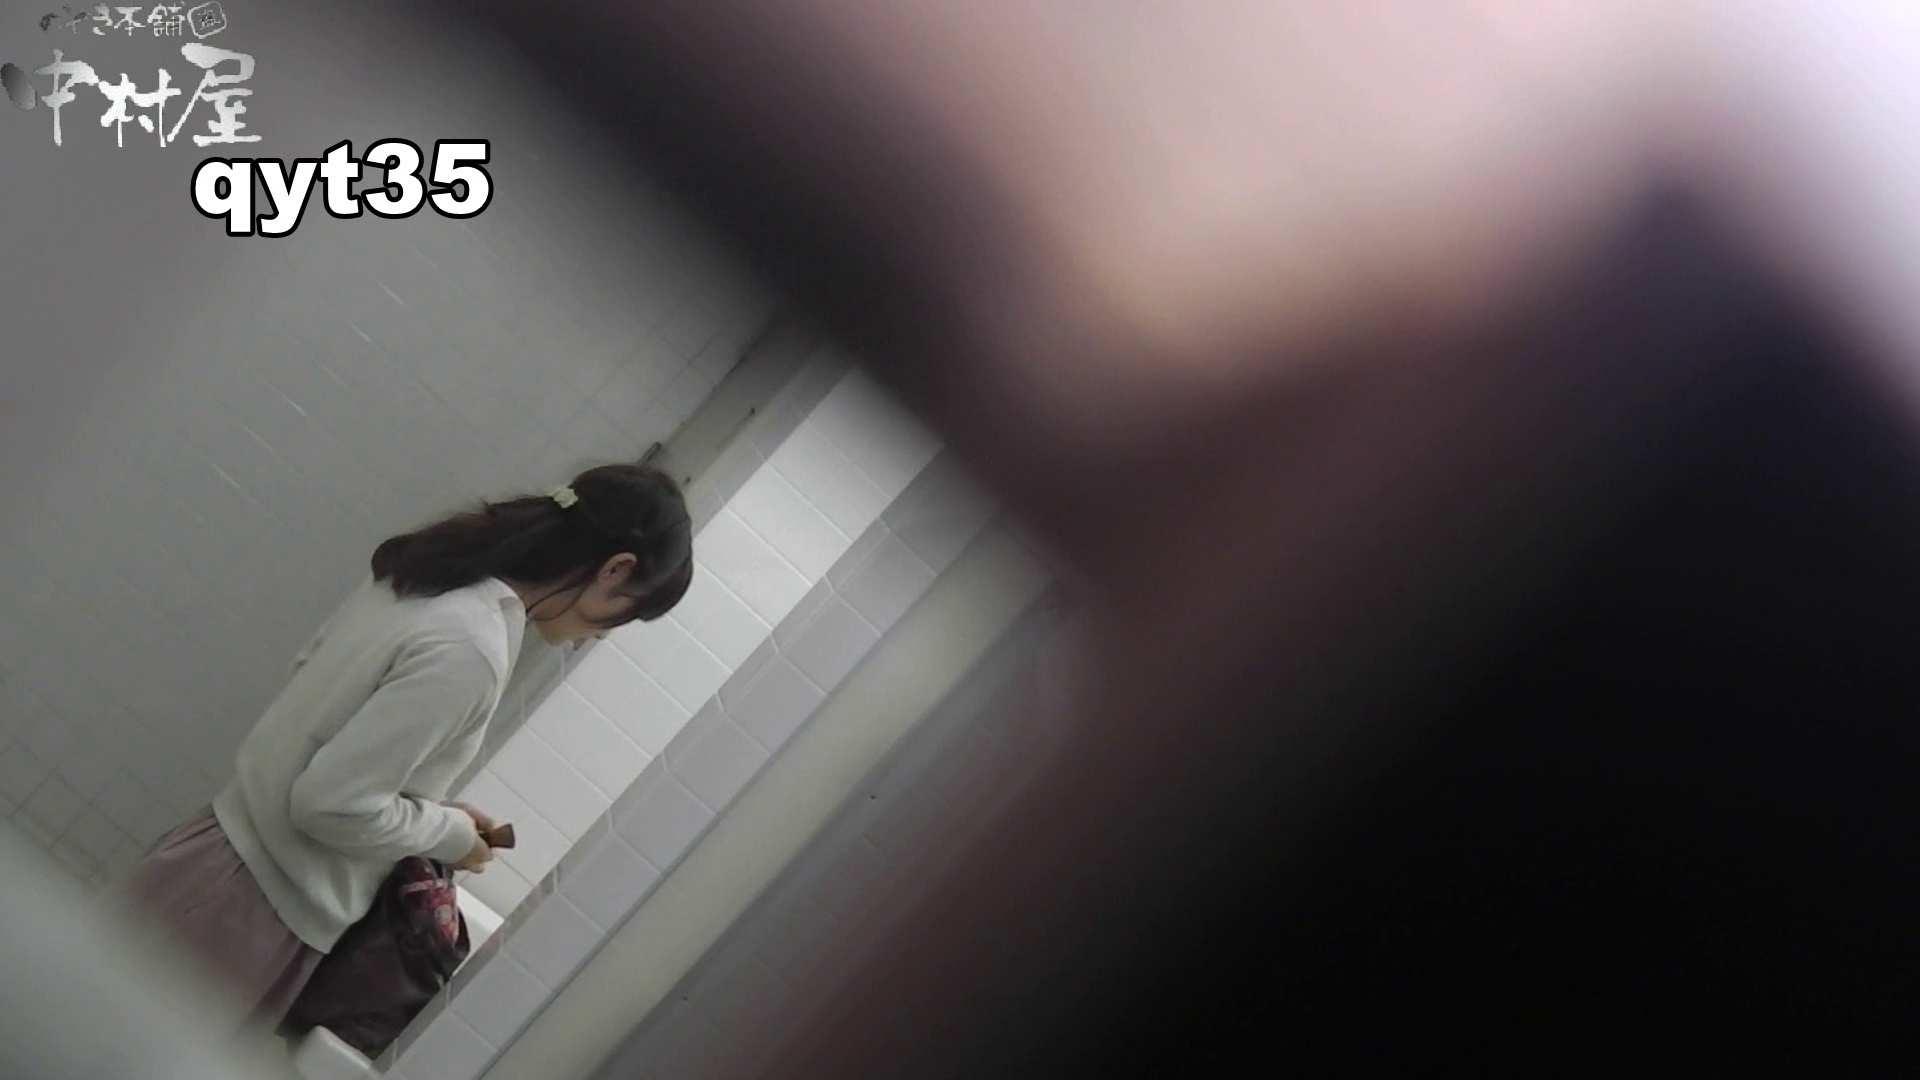 【お銀さんの「洗面所突入レポート!!」】お銀さんの「洗面所突入レポート!!」 vol.35 広げると出ます 0  16連発 14